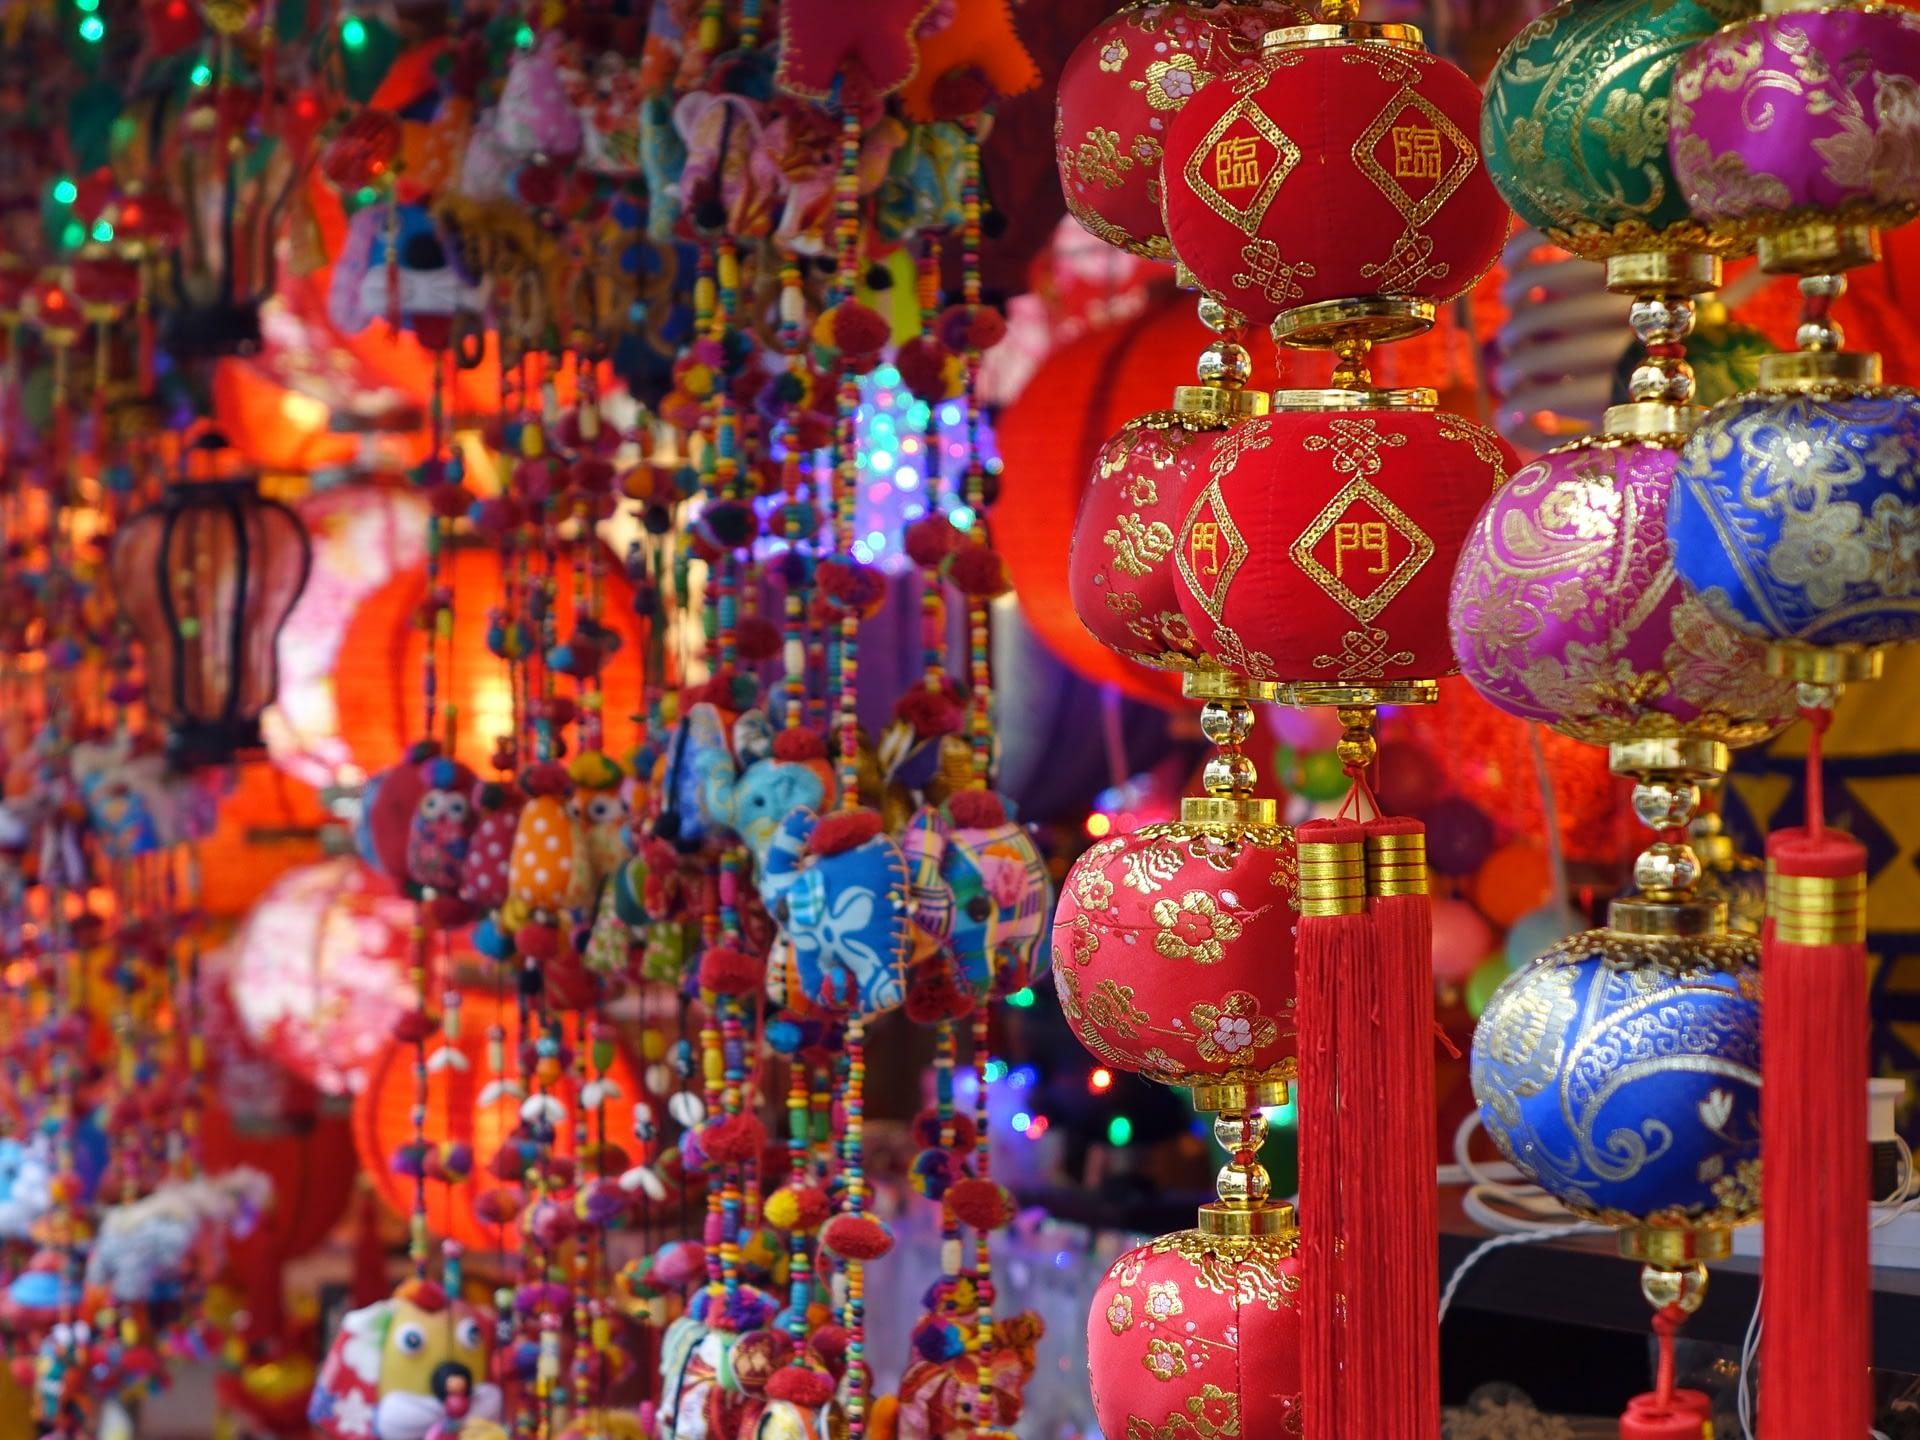 Lanterns during Lunar New Year.